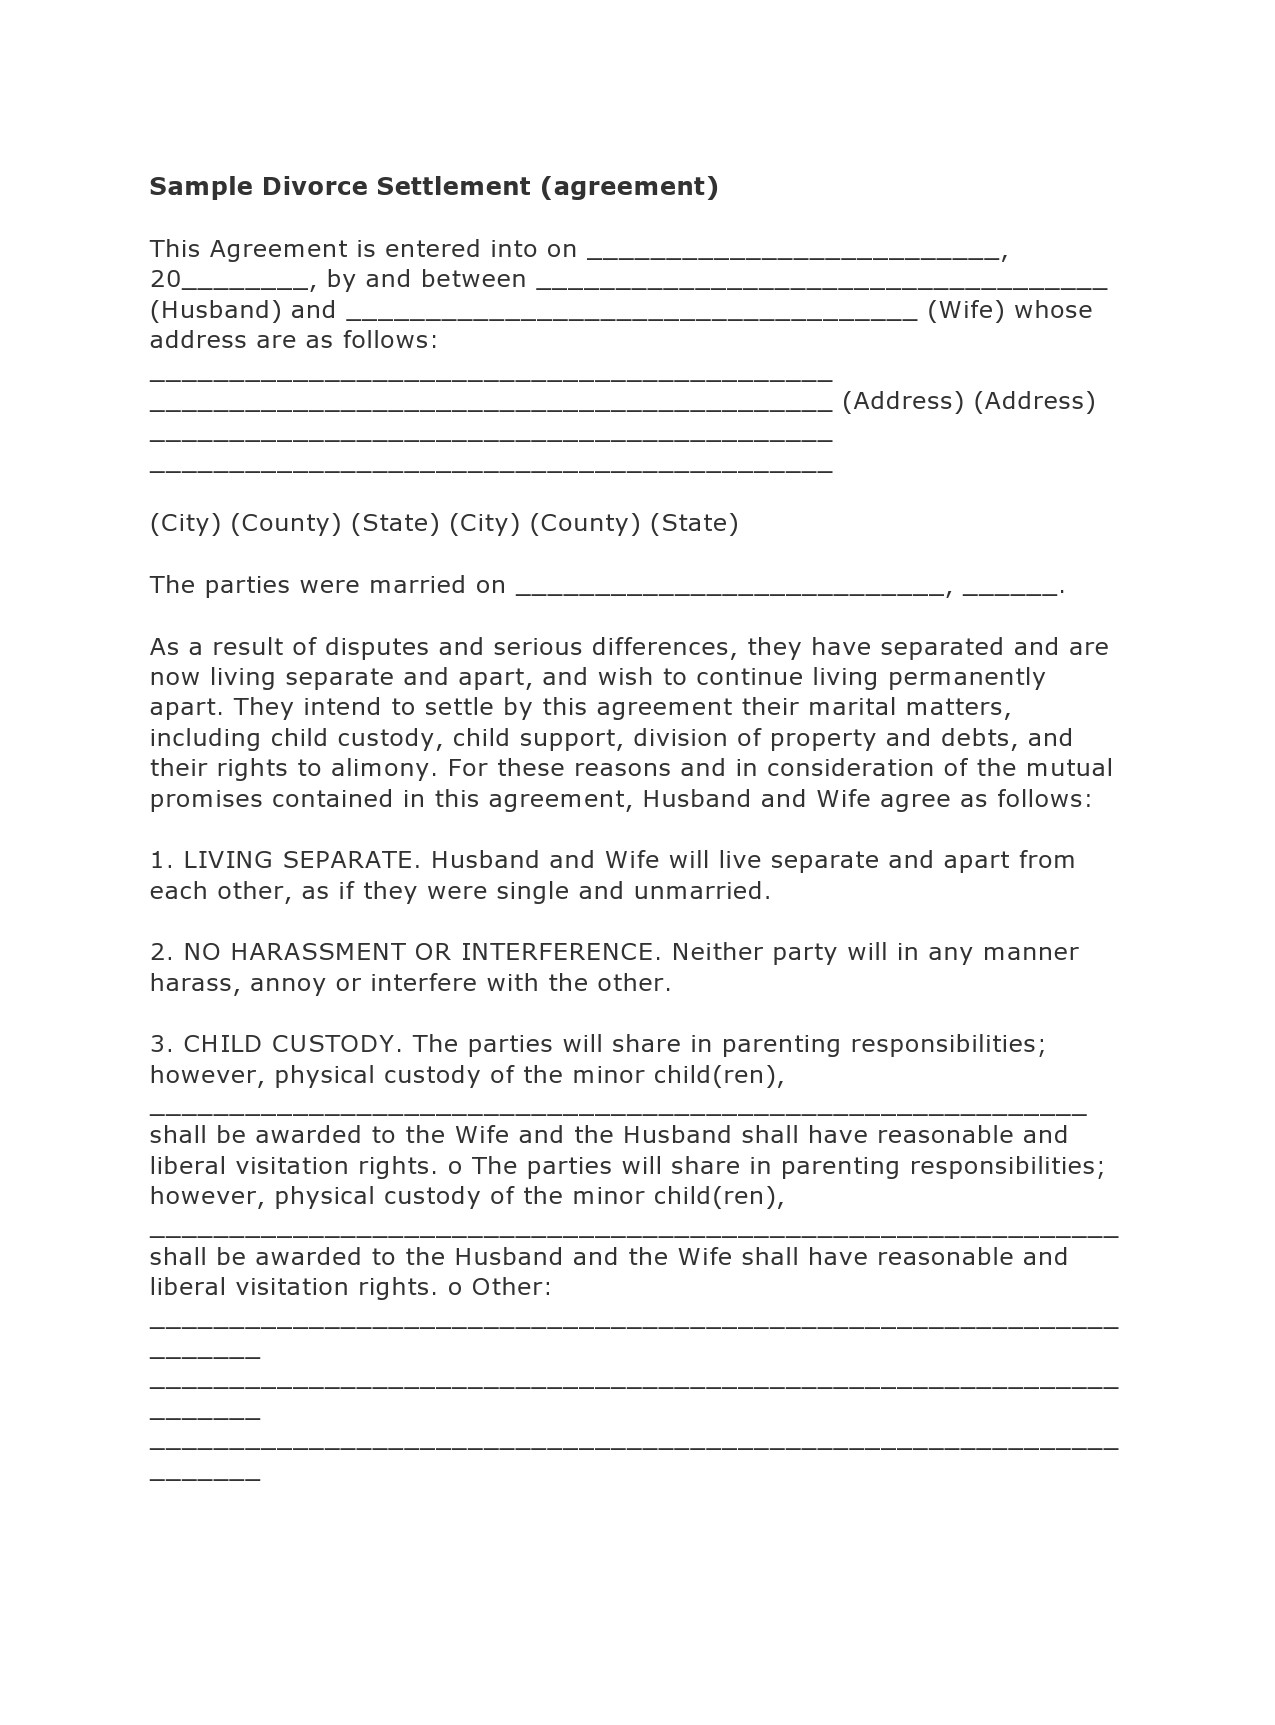 Free marital settlement agreement 37